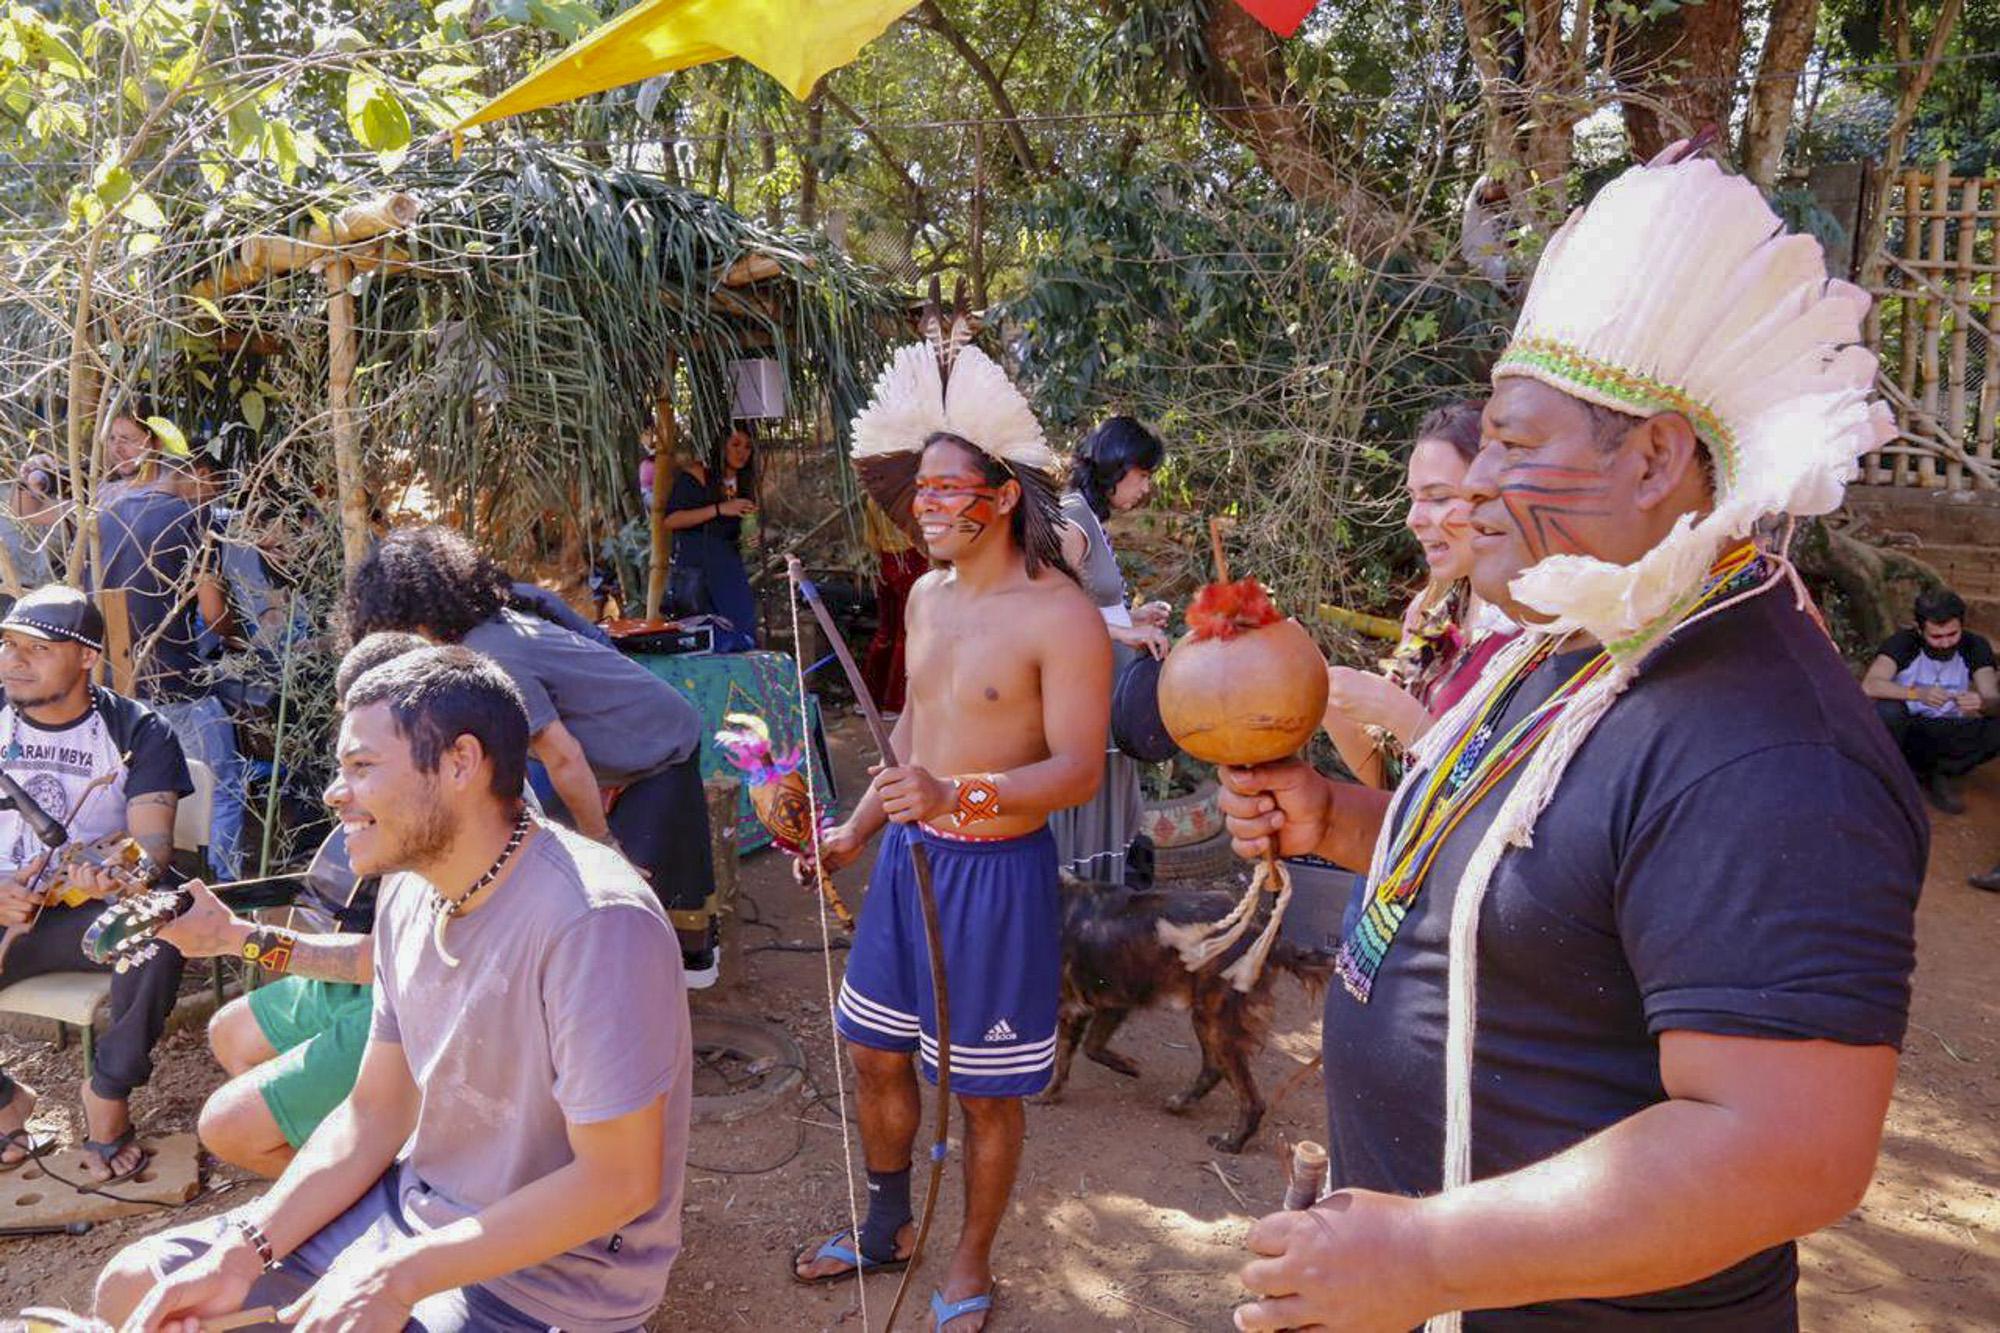 Aldeia Jaraguá-Kwarãy-Djekupé no Dia da Beleza Indígena realizado em junho do ano passado. (Divulgação: Prefeitura de São Paulo)